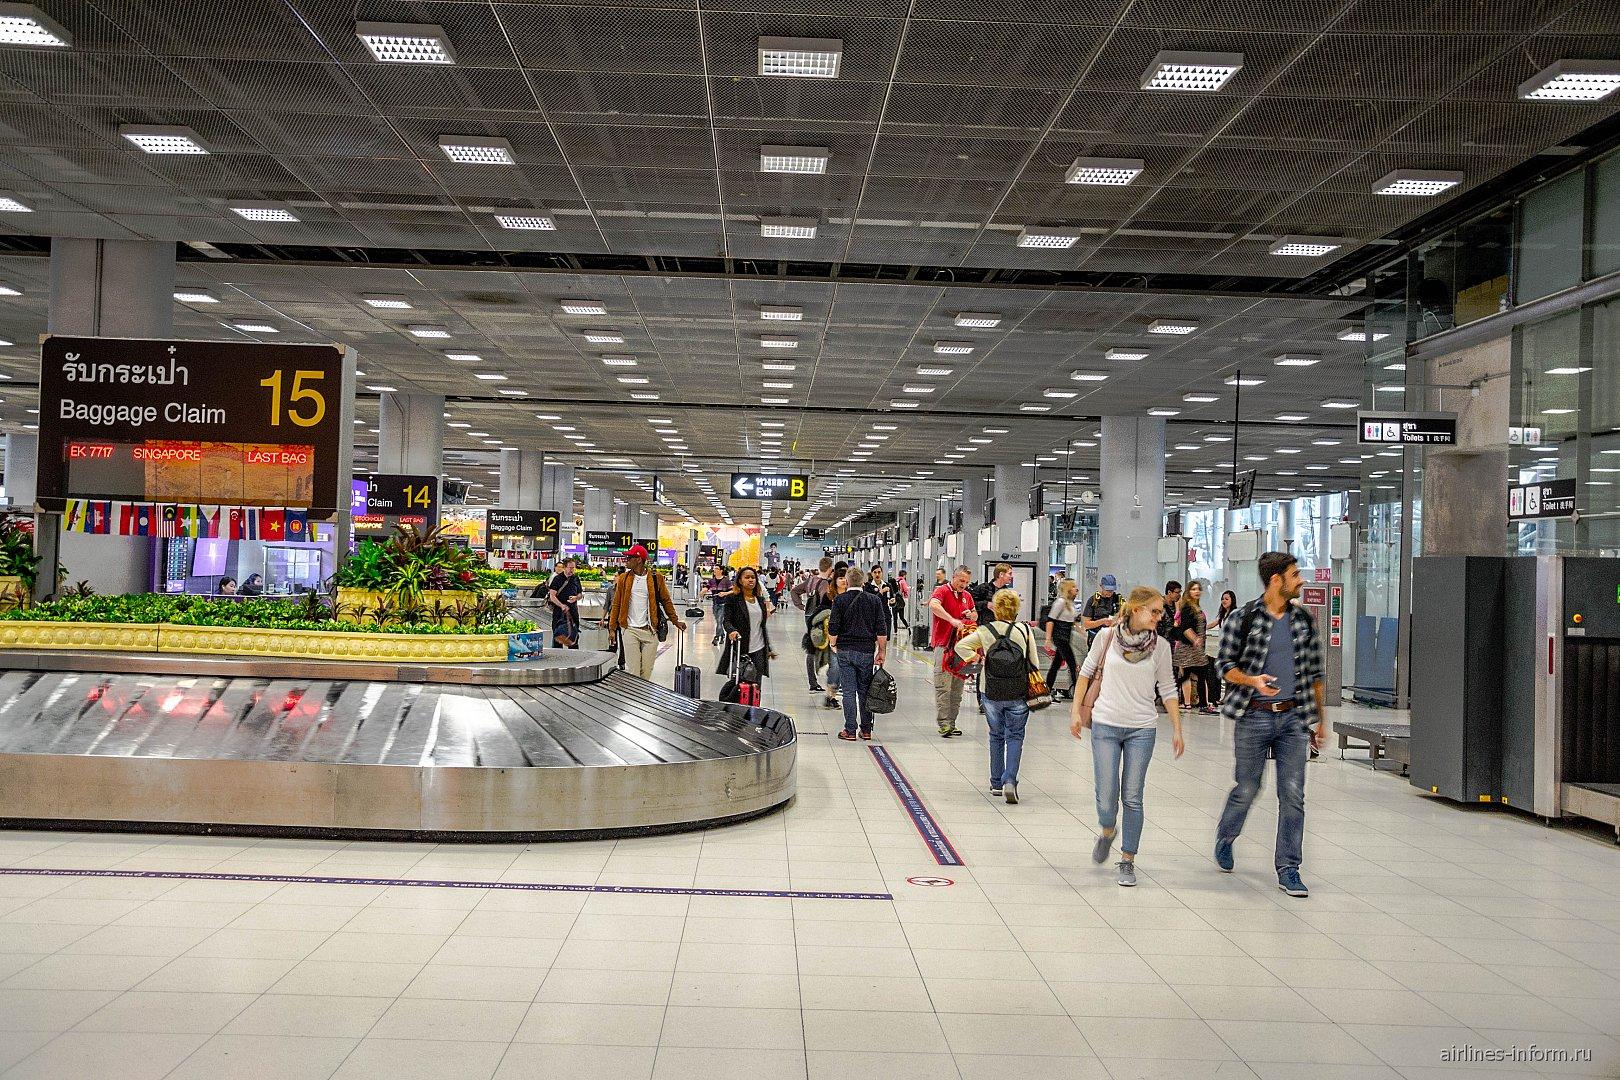 Зал получения багажа в аэропорту Бангкок Суварнабуми